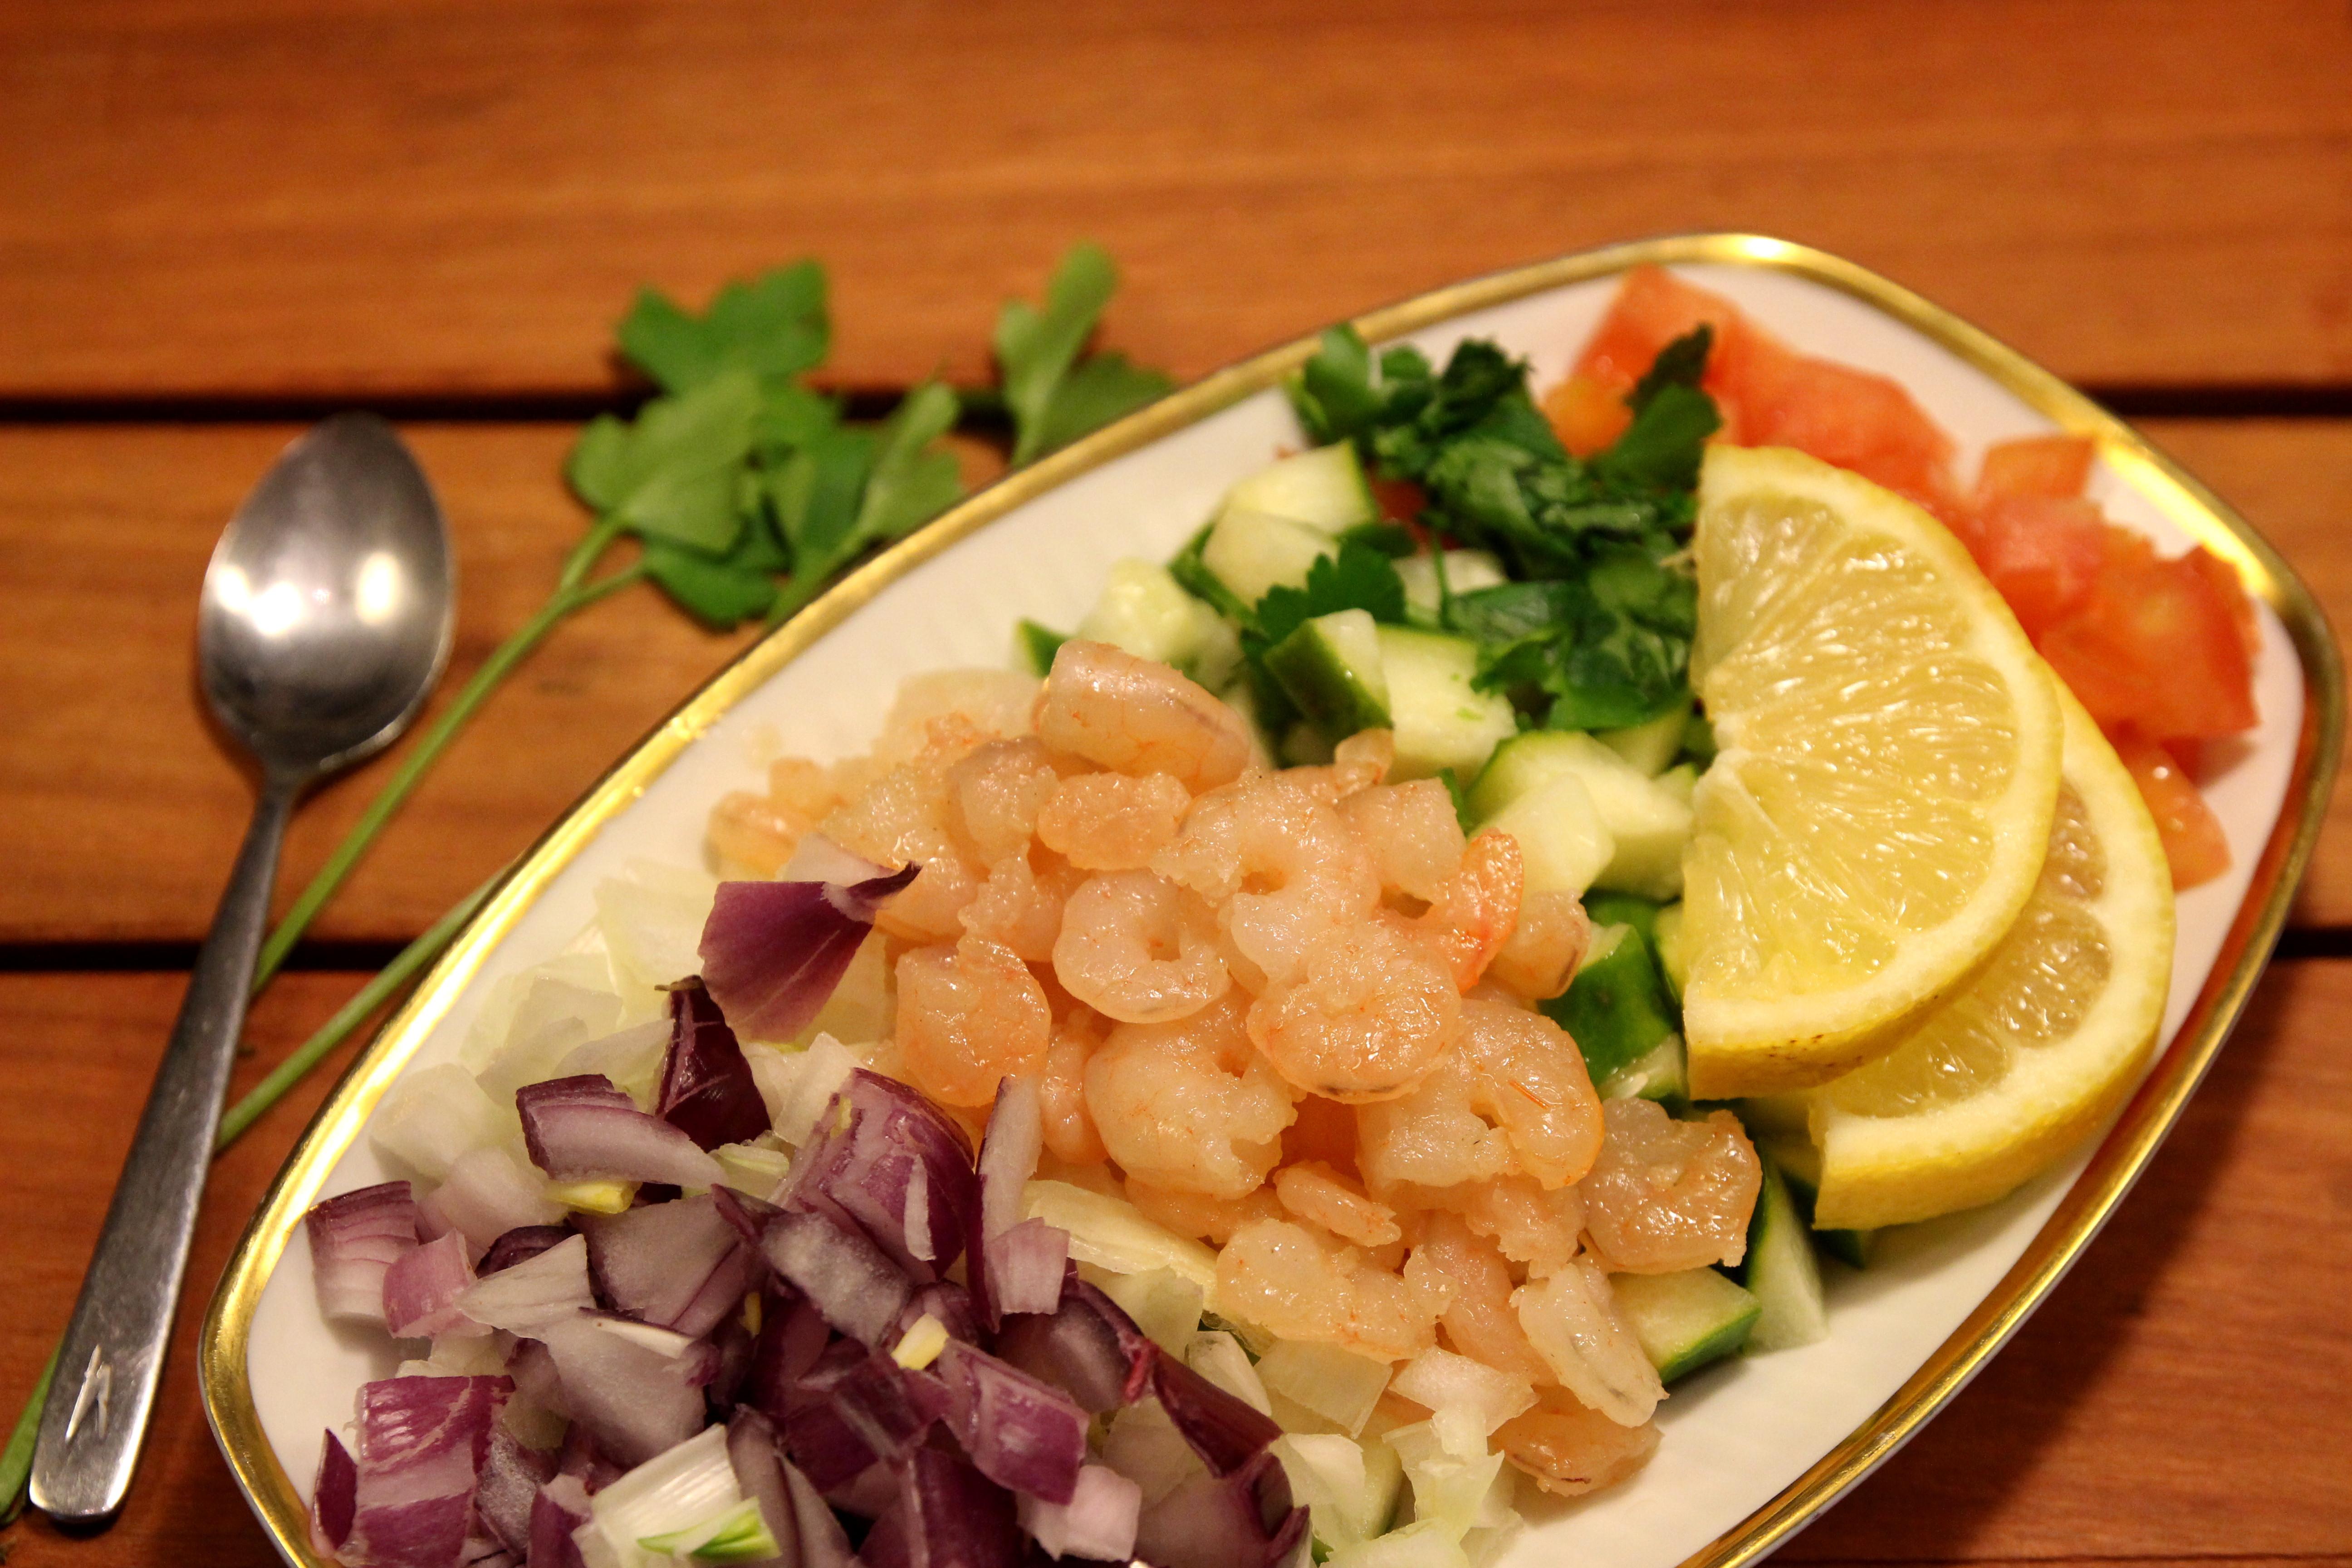 Shrimp & Vegetable Salad11